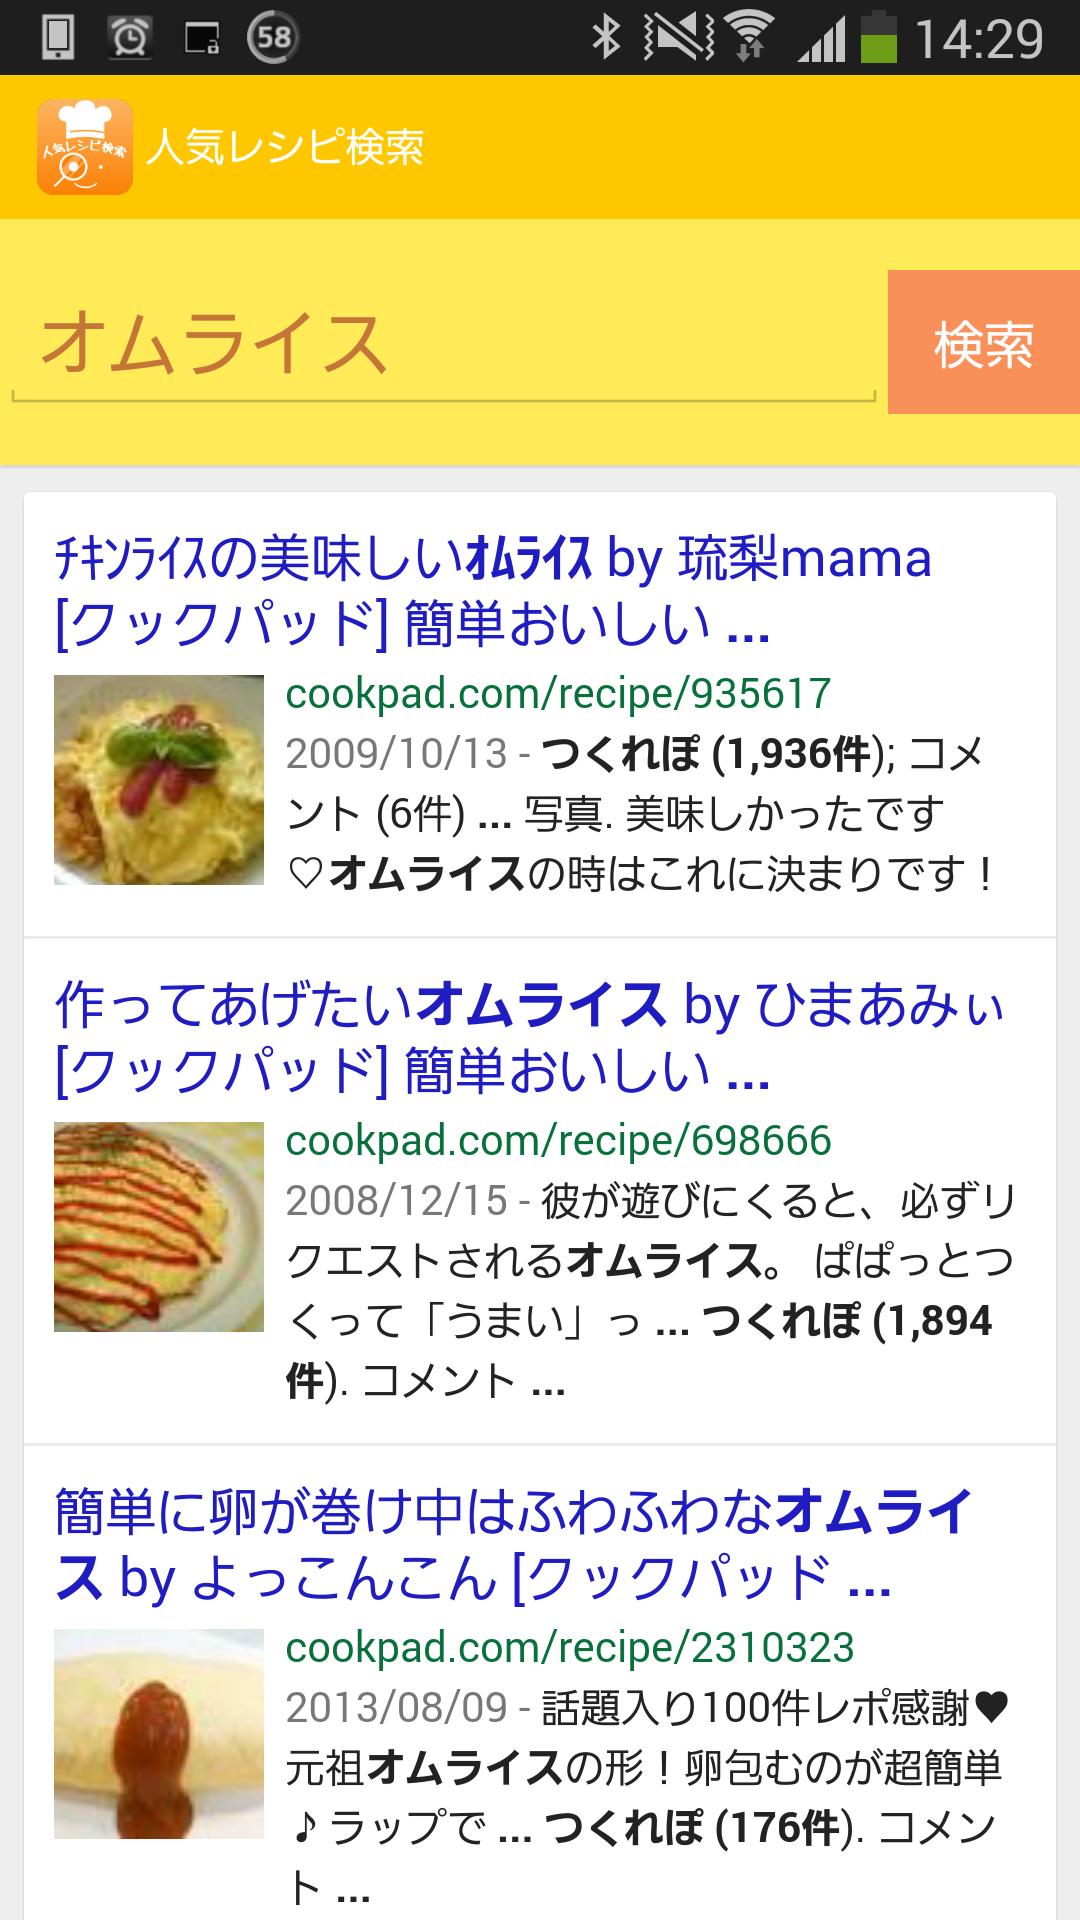 人気レシピ検索 - クックパッドの人気レシピを簡単検索 -